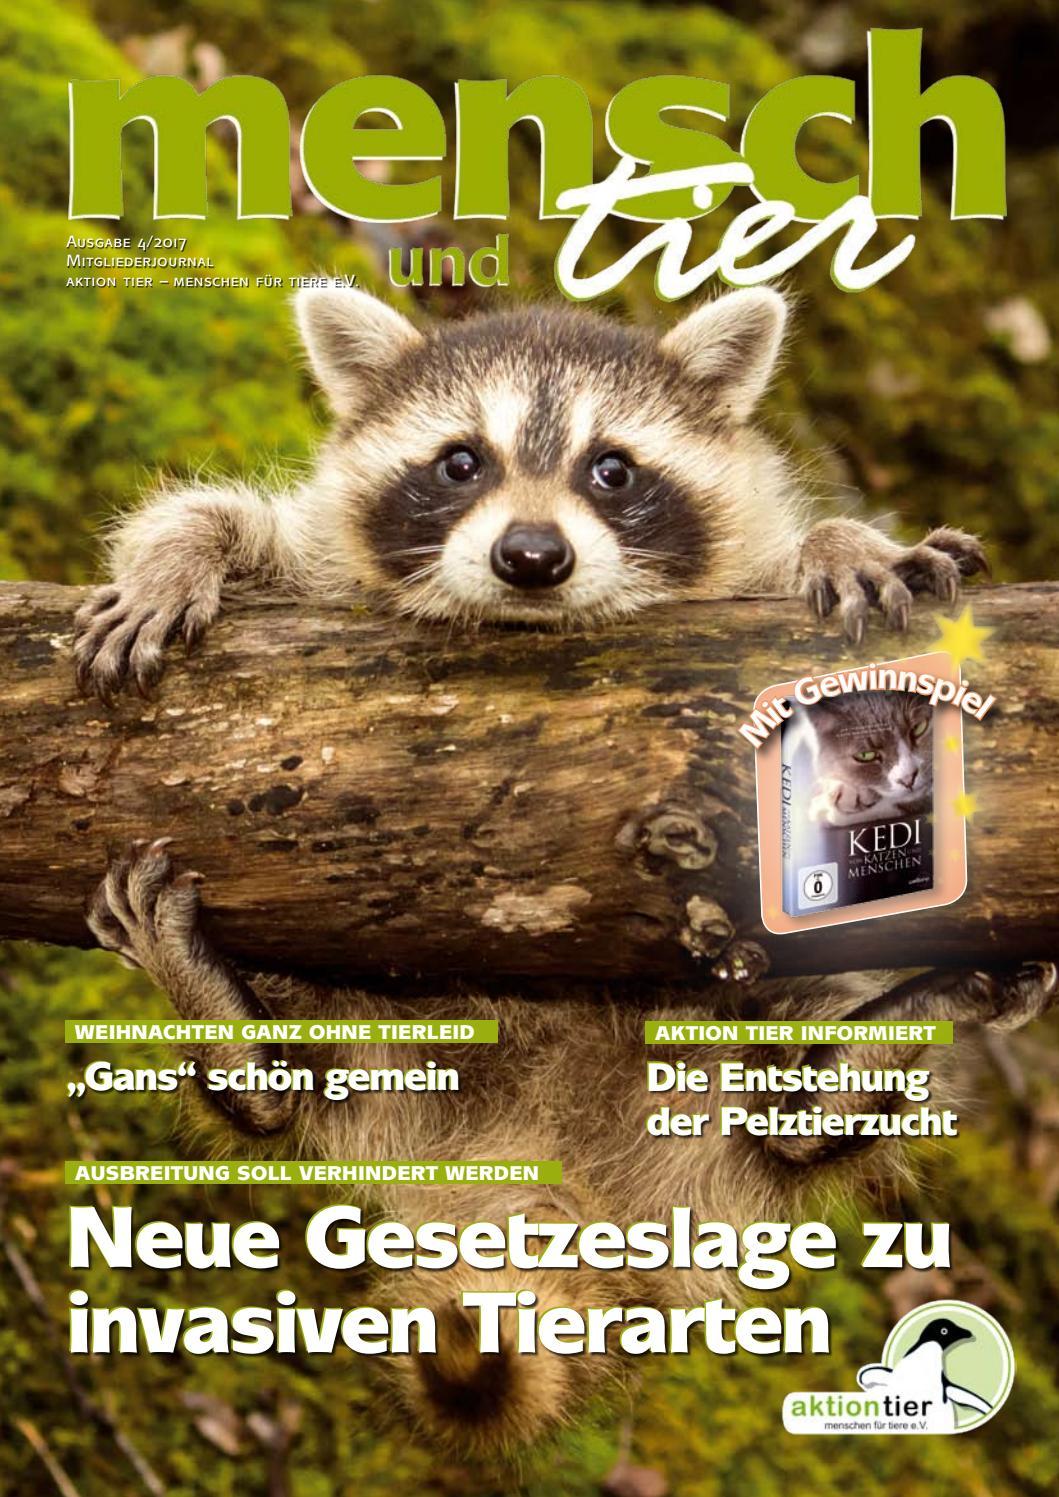 mensch & tier 04/2017 by aktion tier - issuu